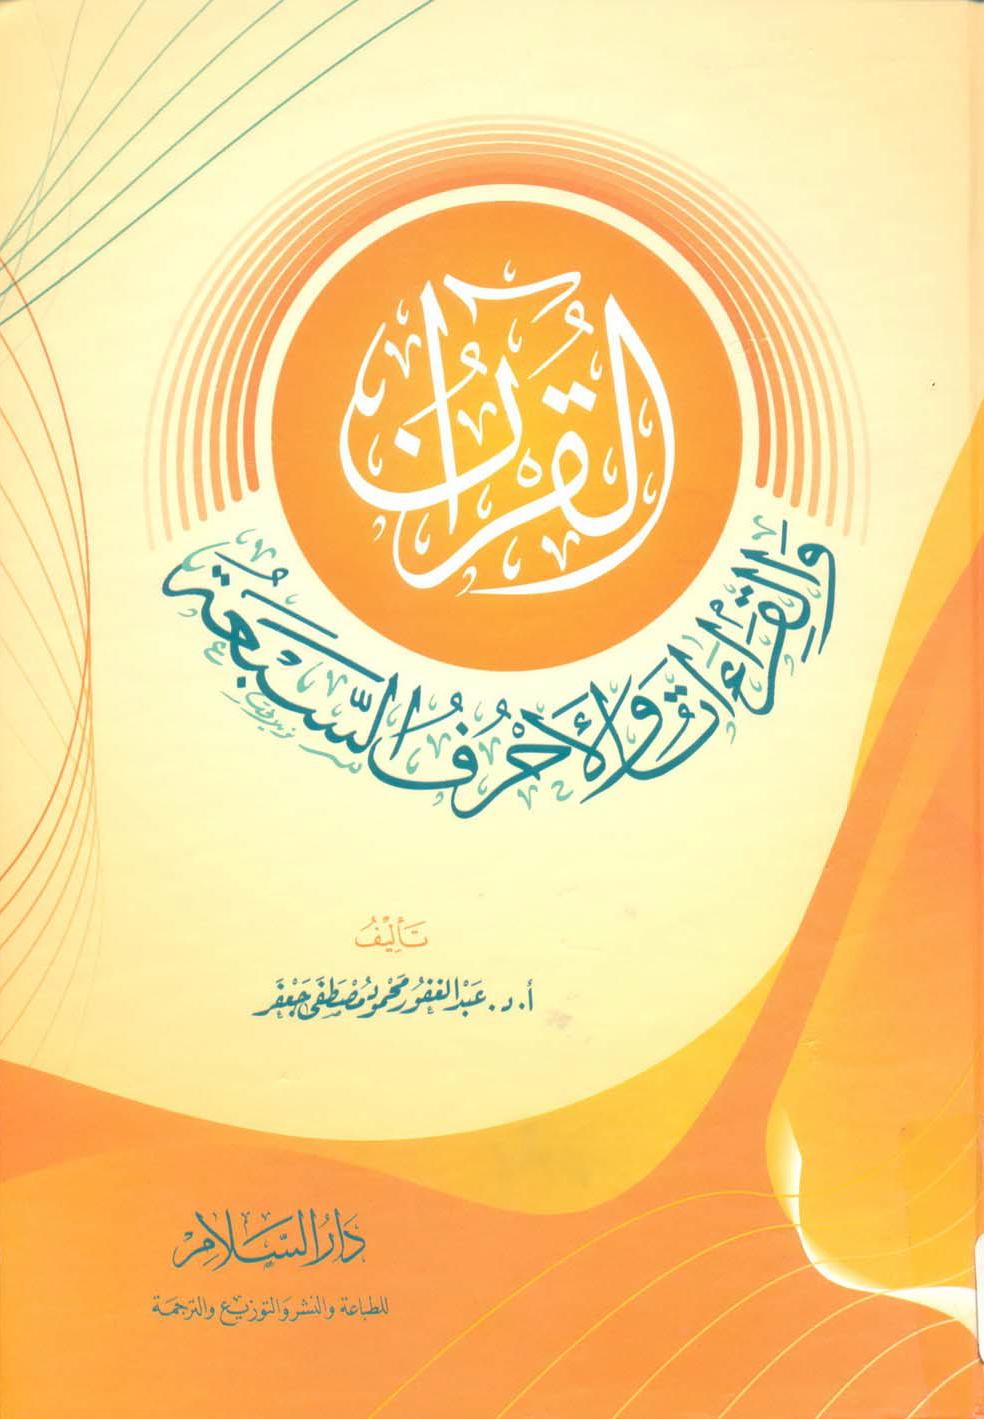 تحميل كتاب القرآن والقراءات والأحرف السبعة لـِ: الدكتور عبد الغفور محمود مصطفى جعفر (ت 1425)